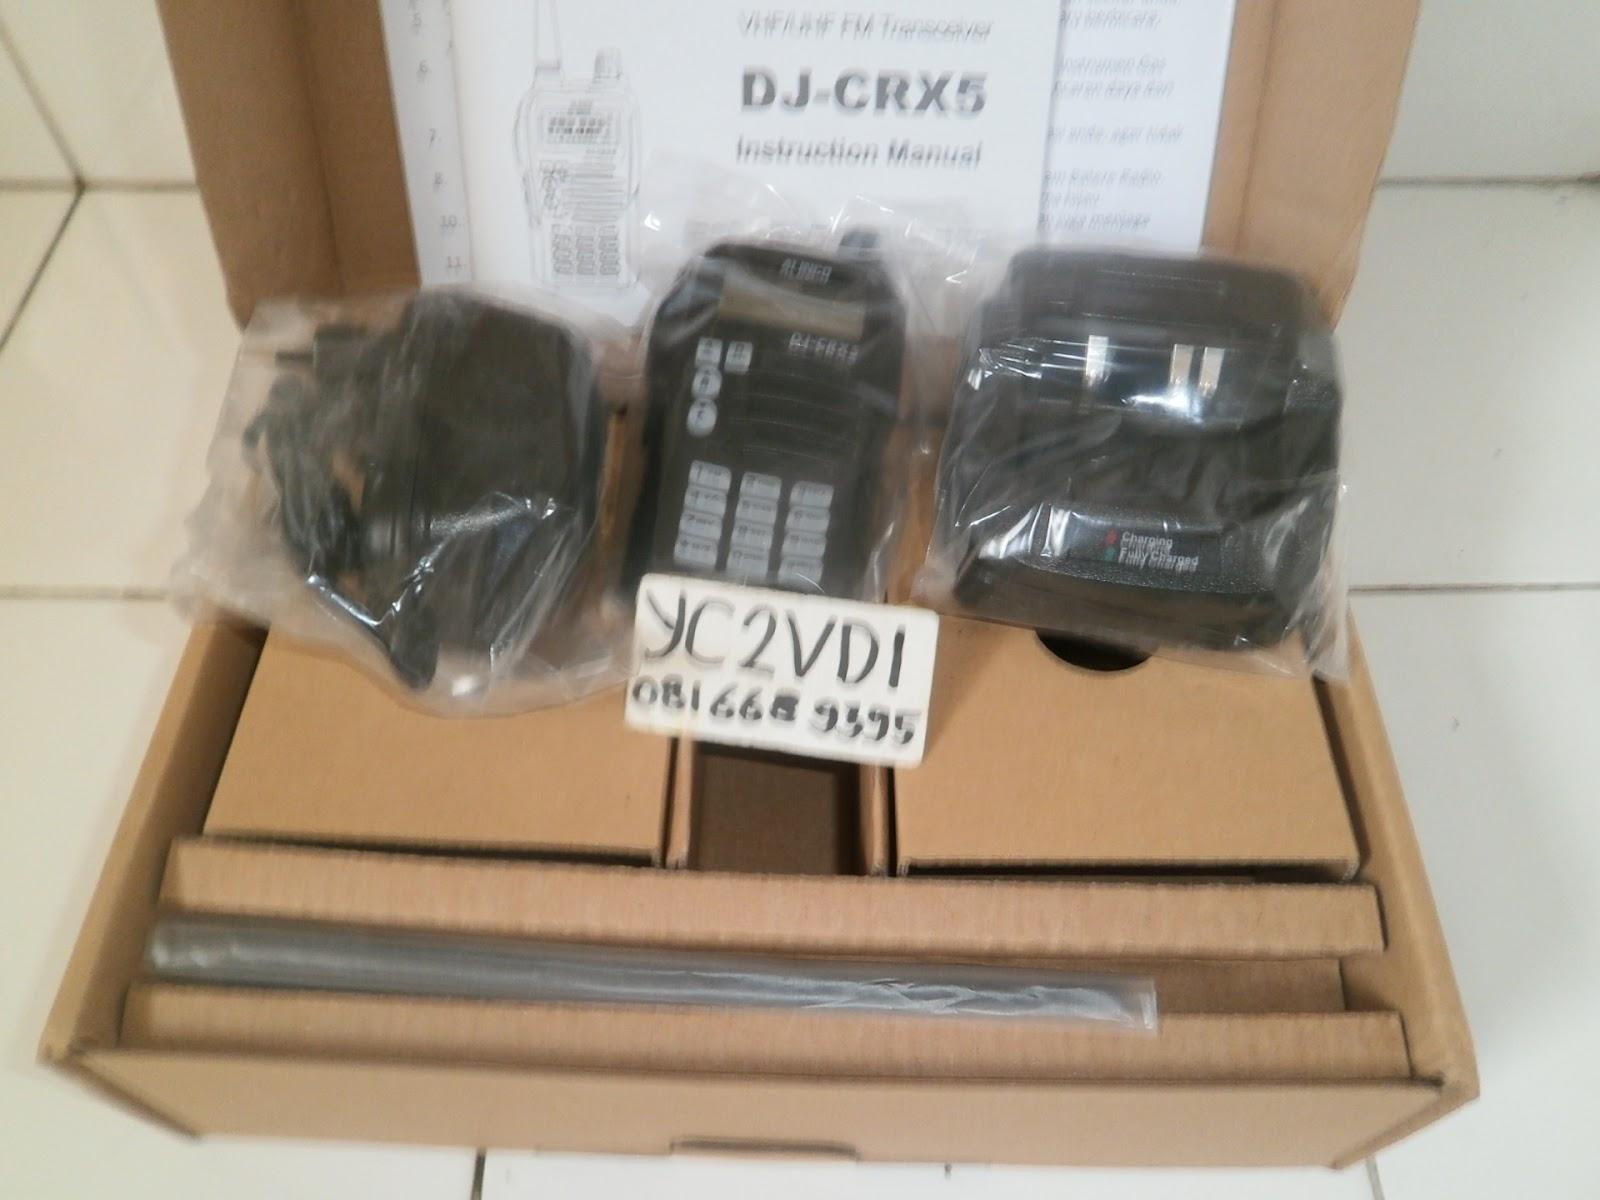 Sinar Agung ( Y C 2 V D I ): HT ALINCO DJ CRX 5 DUAL BAND